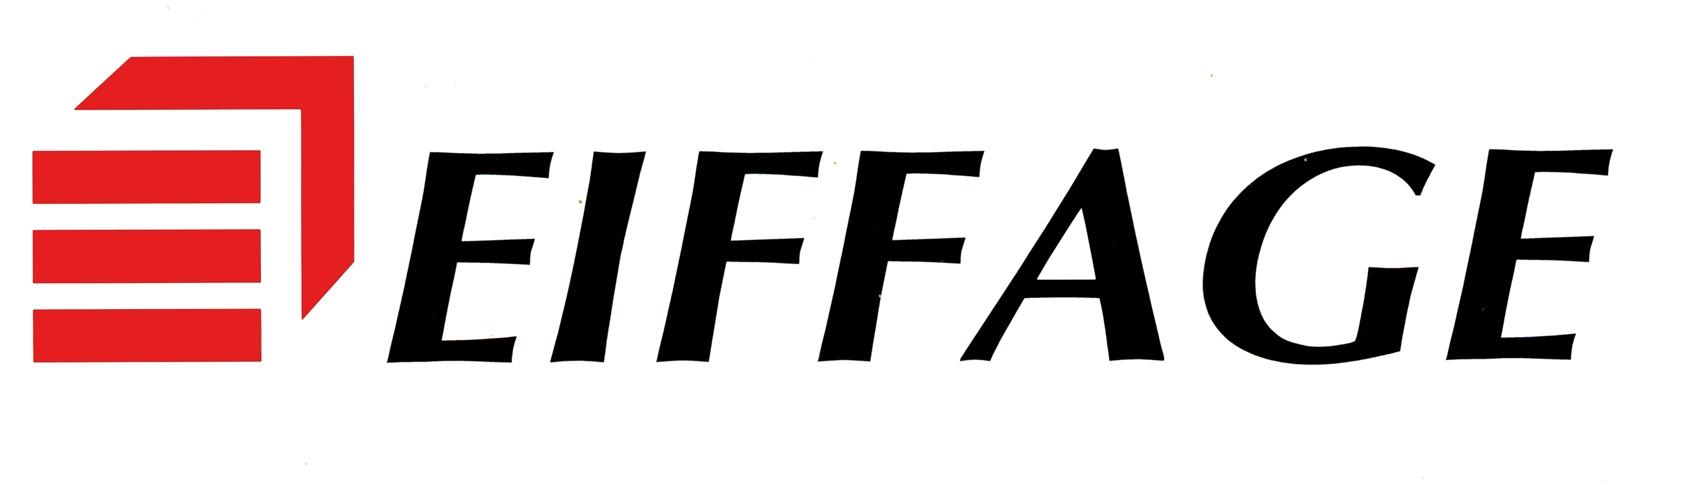 logo-eiffage-h-def[1]